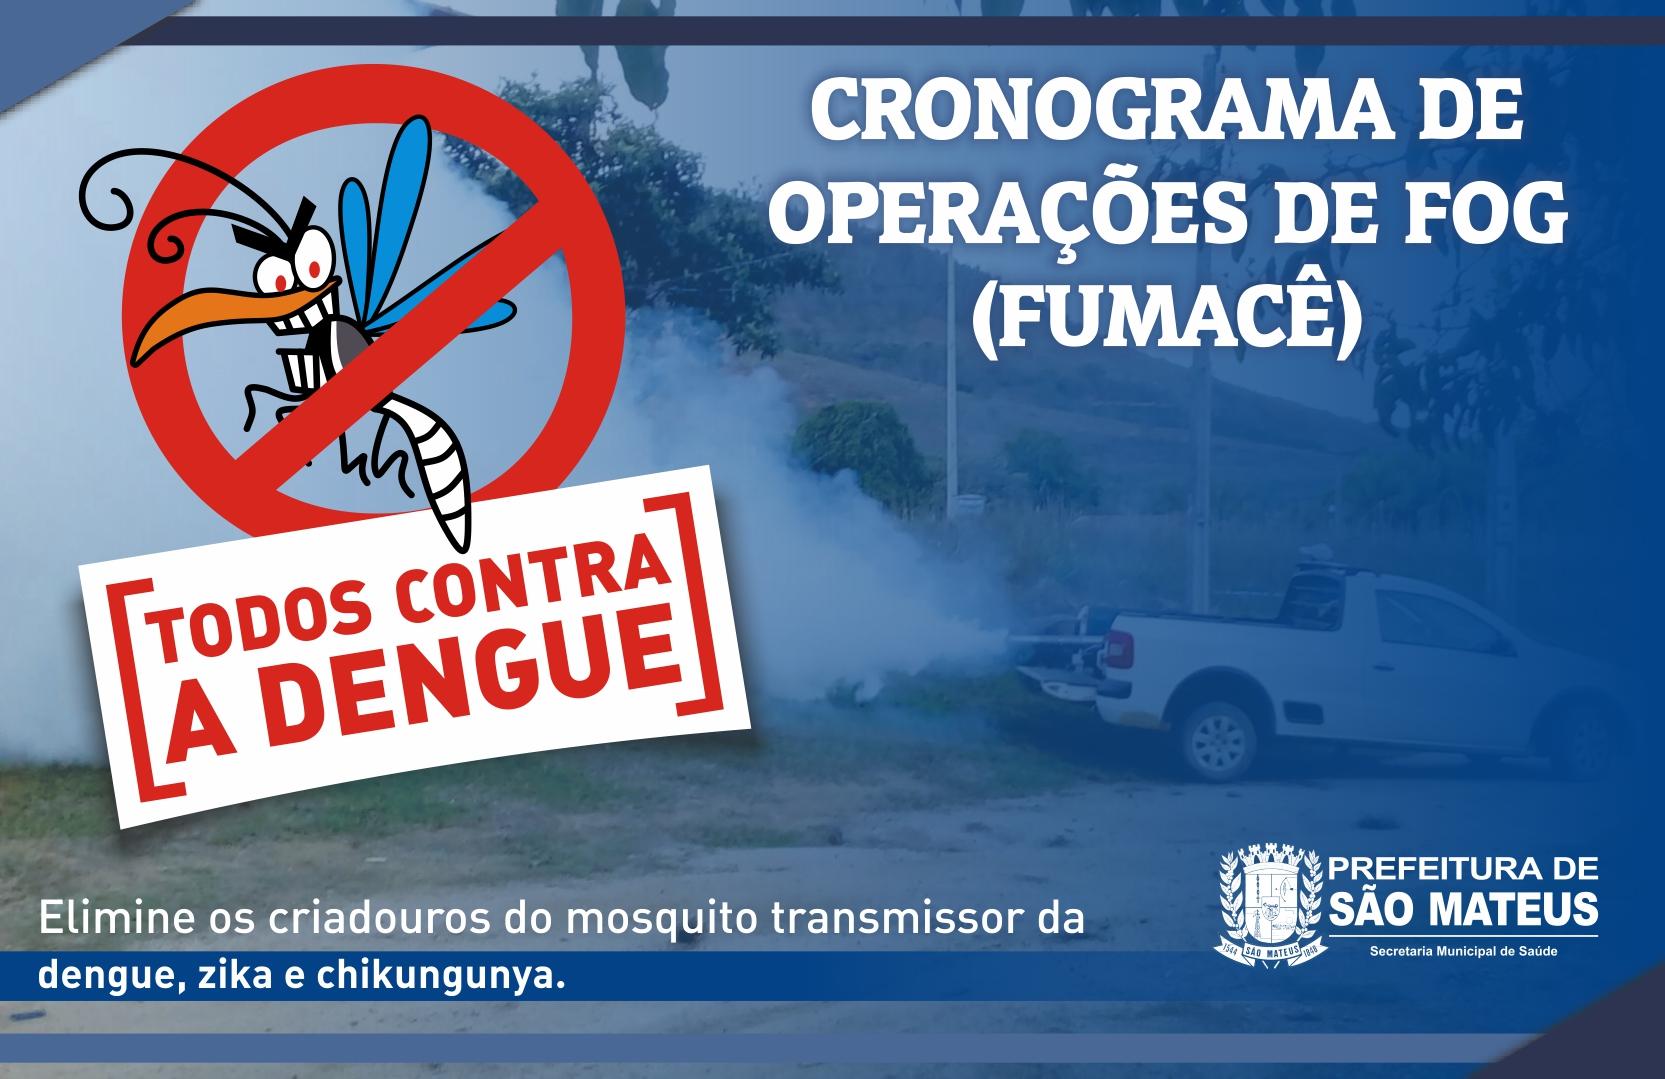 PREFEITURA SEGUE COM O CRONOGRAMA DE OPERAÇÕES DO CARRO FUMACÊ NO COMBATE AO MOSQUITO DA DENGUE